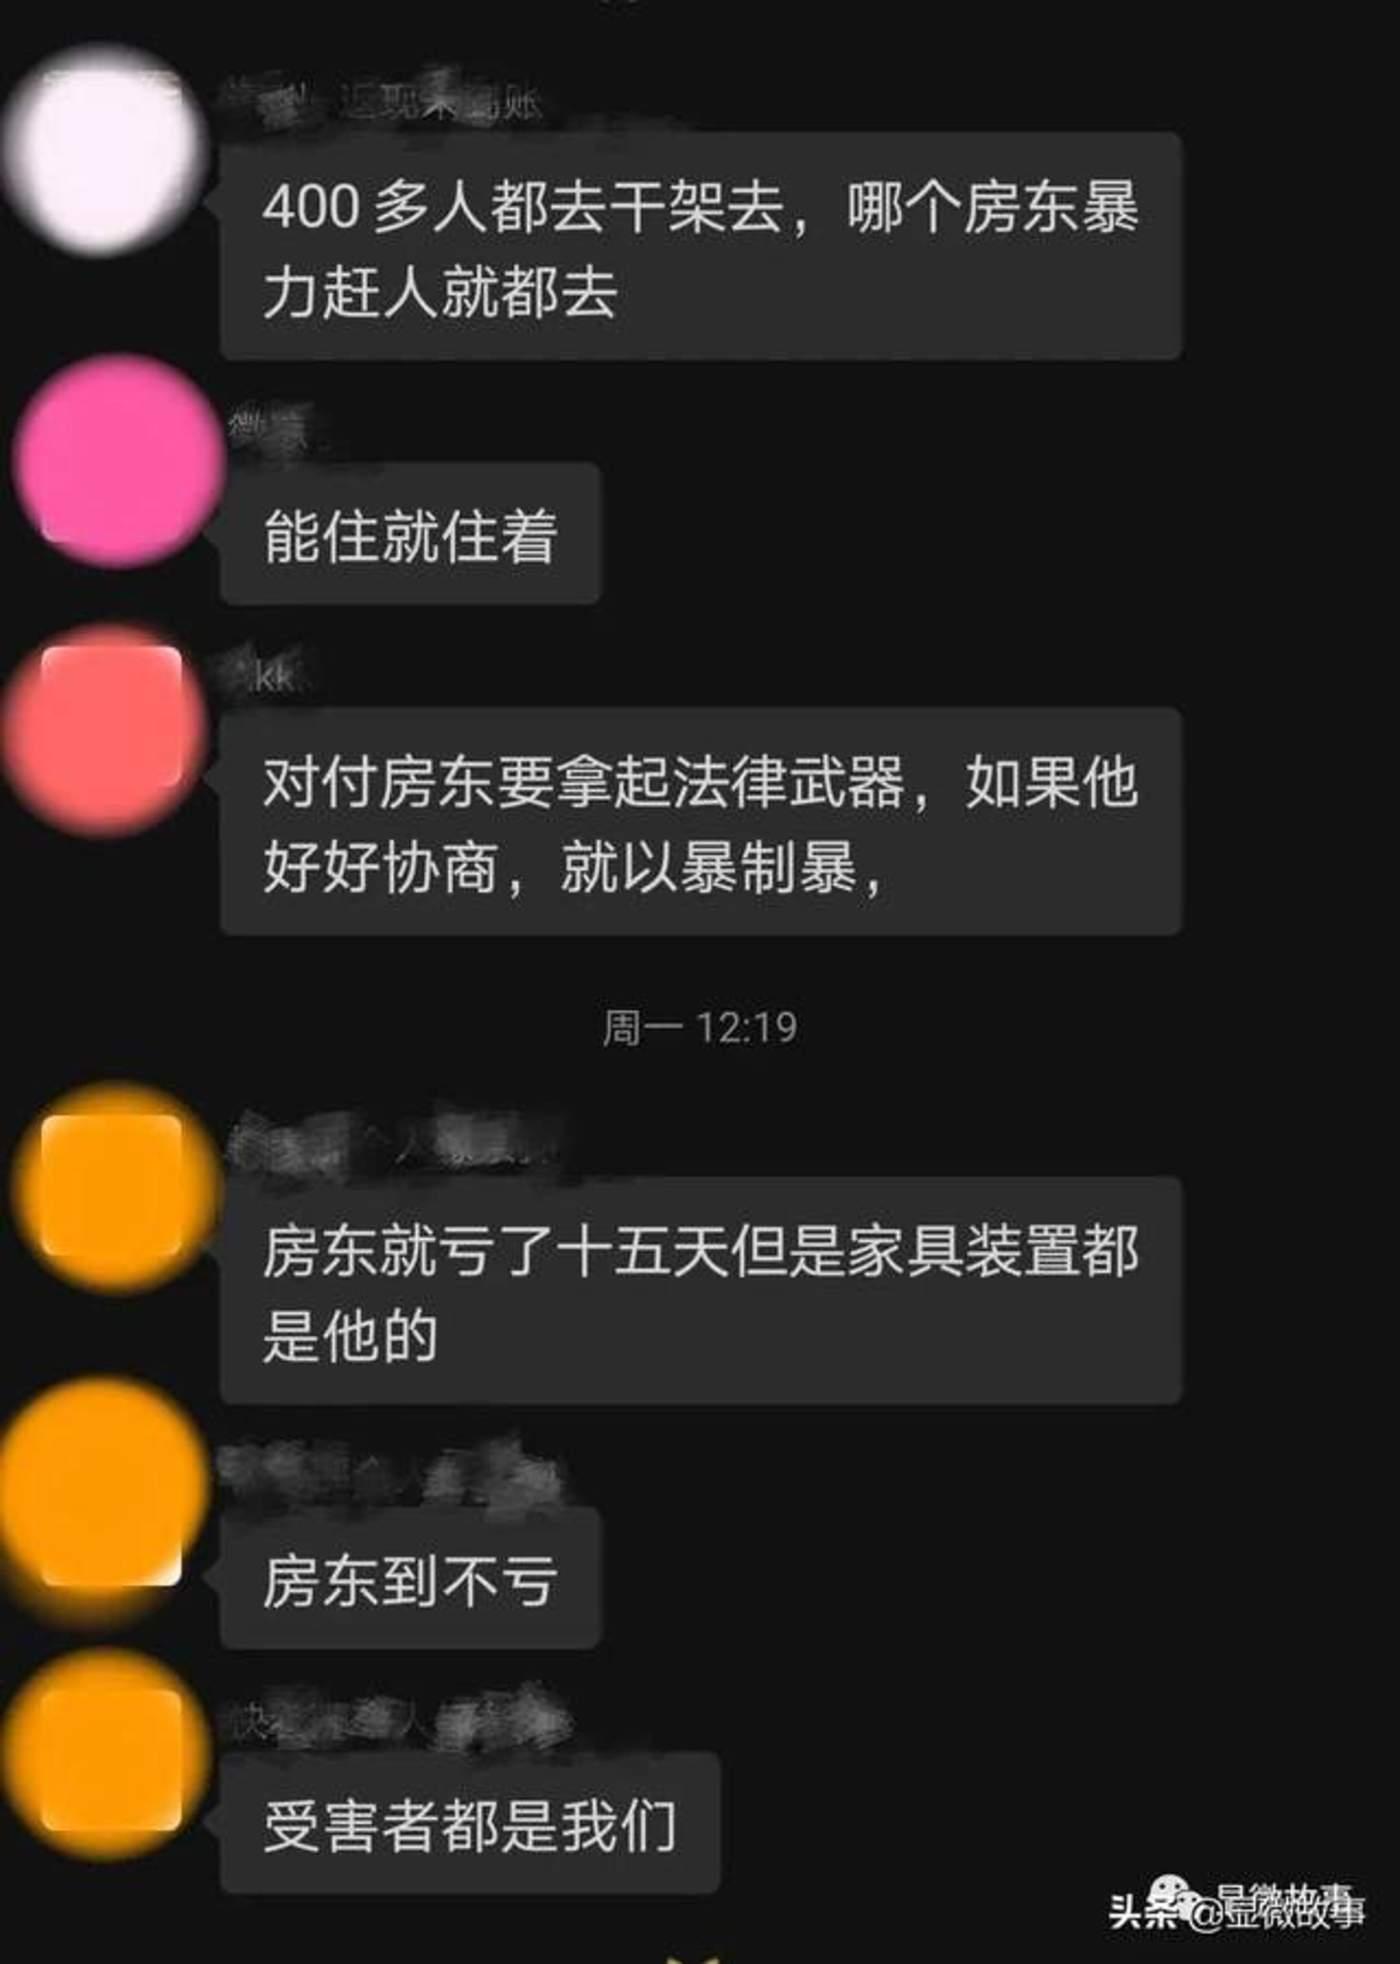 图   朝宁发的维权群截图